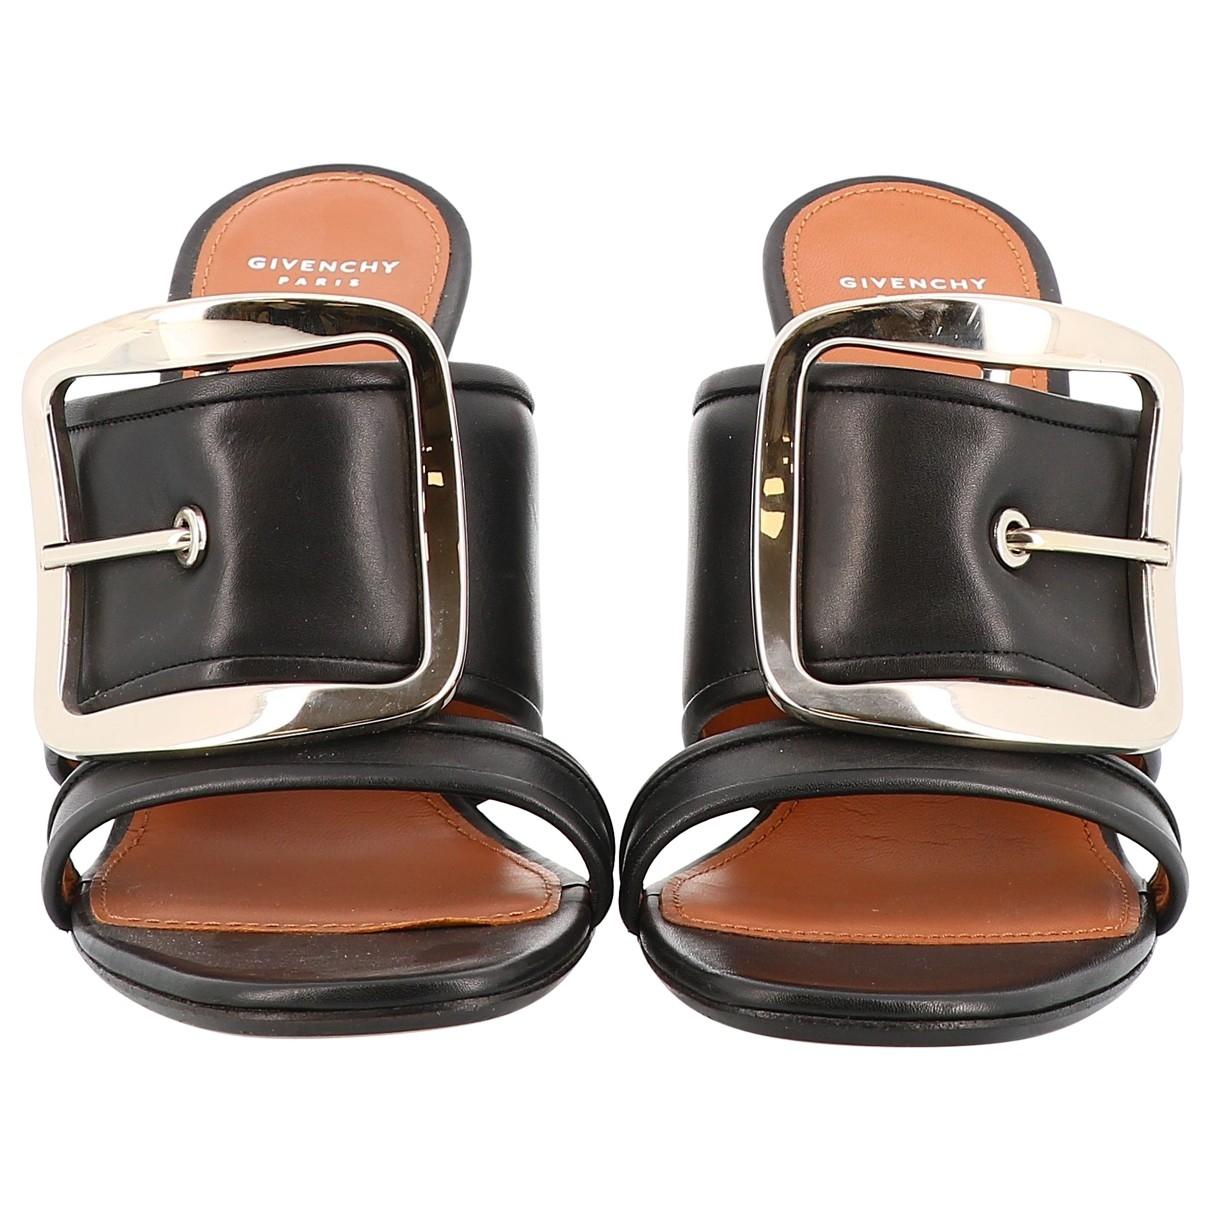 Zuecos de Cuero Givenchy